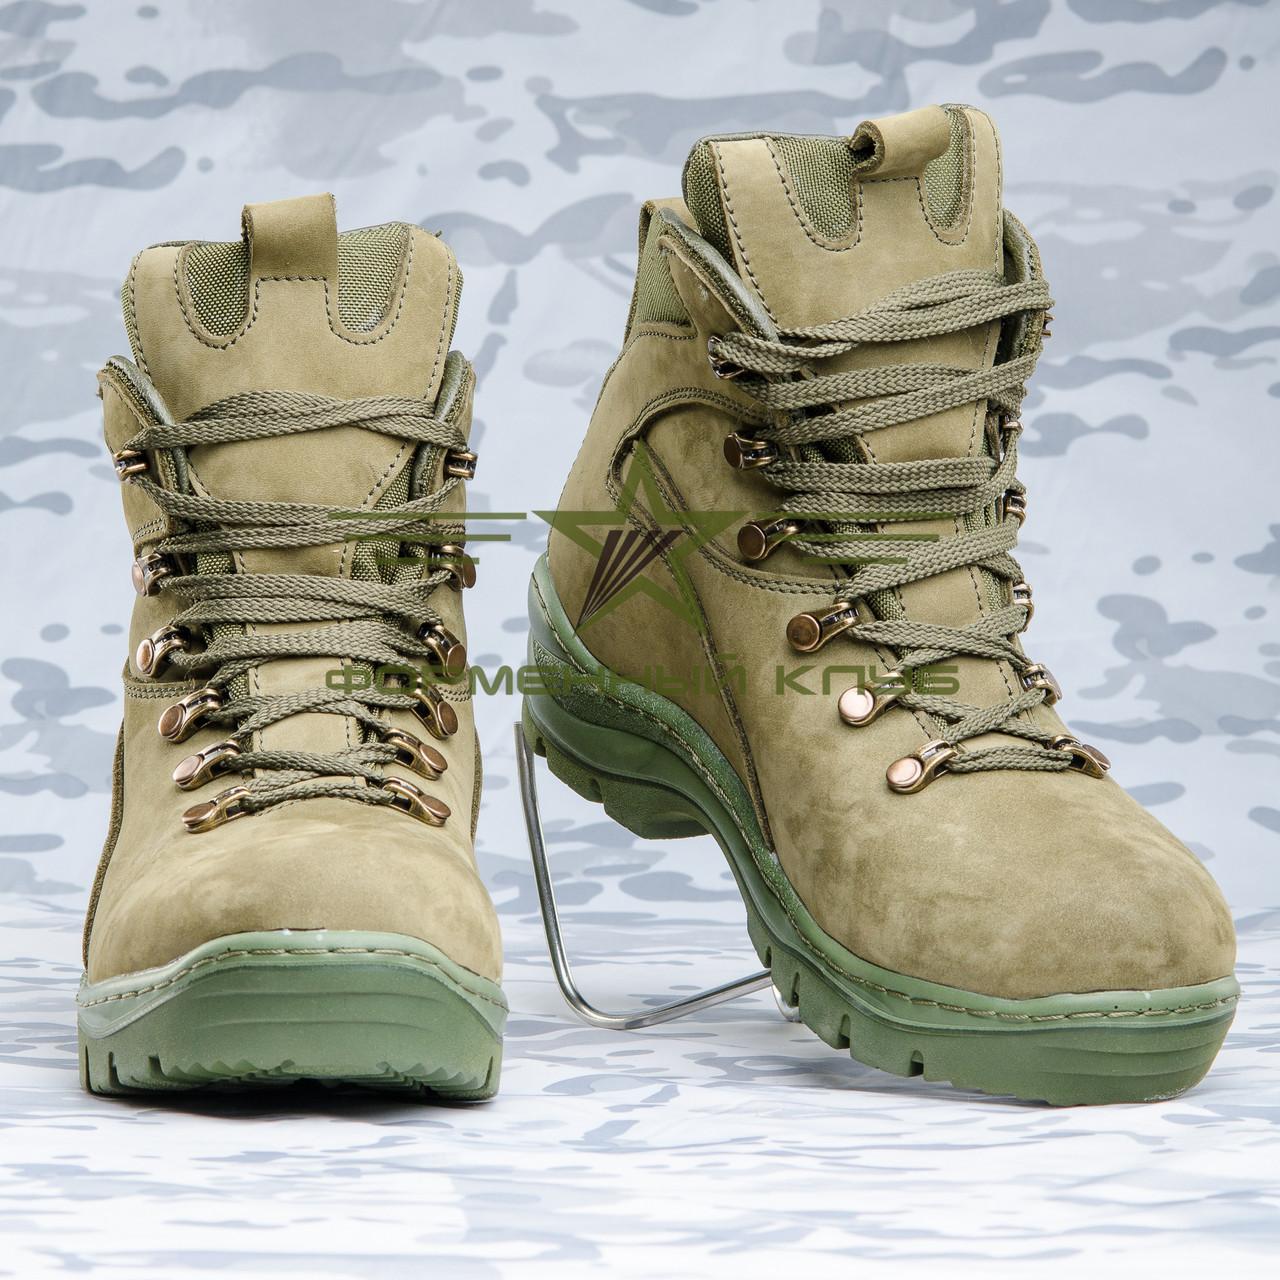 Ботинки Апачи зимние нубук олива  набивной мех